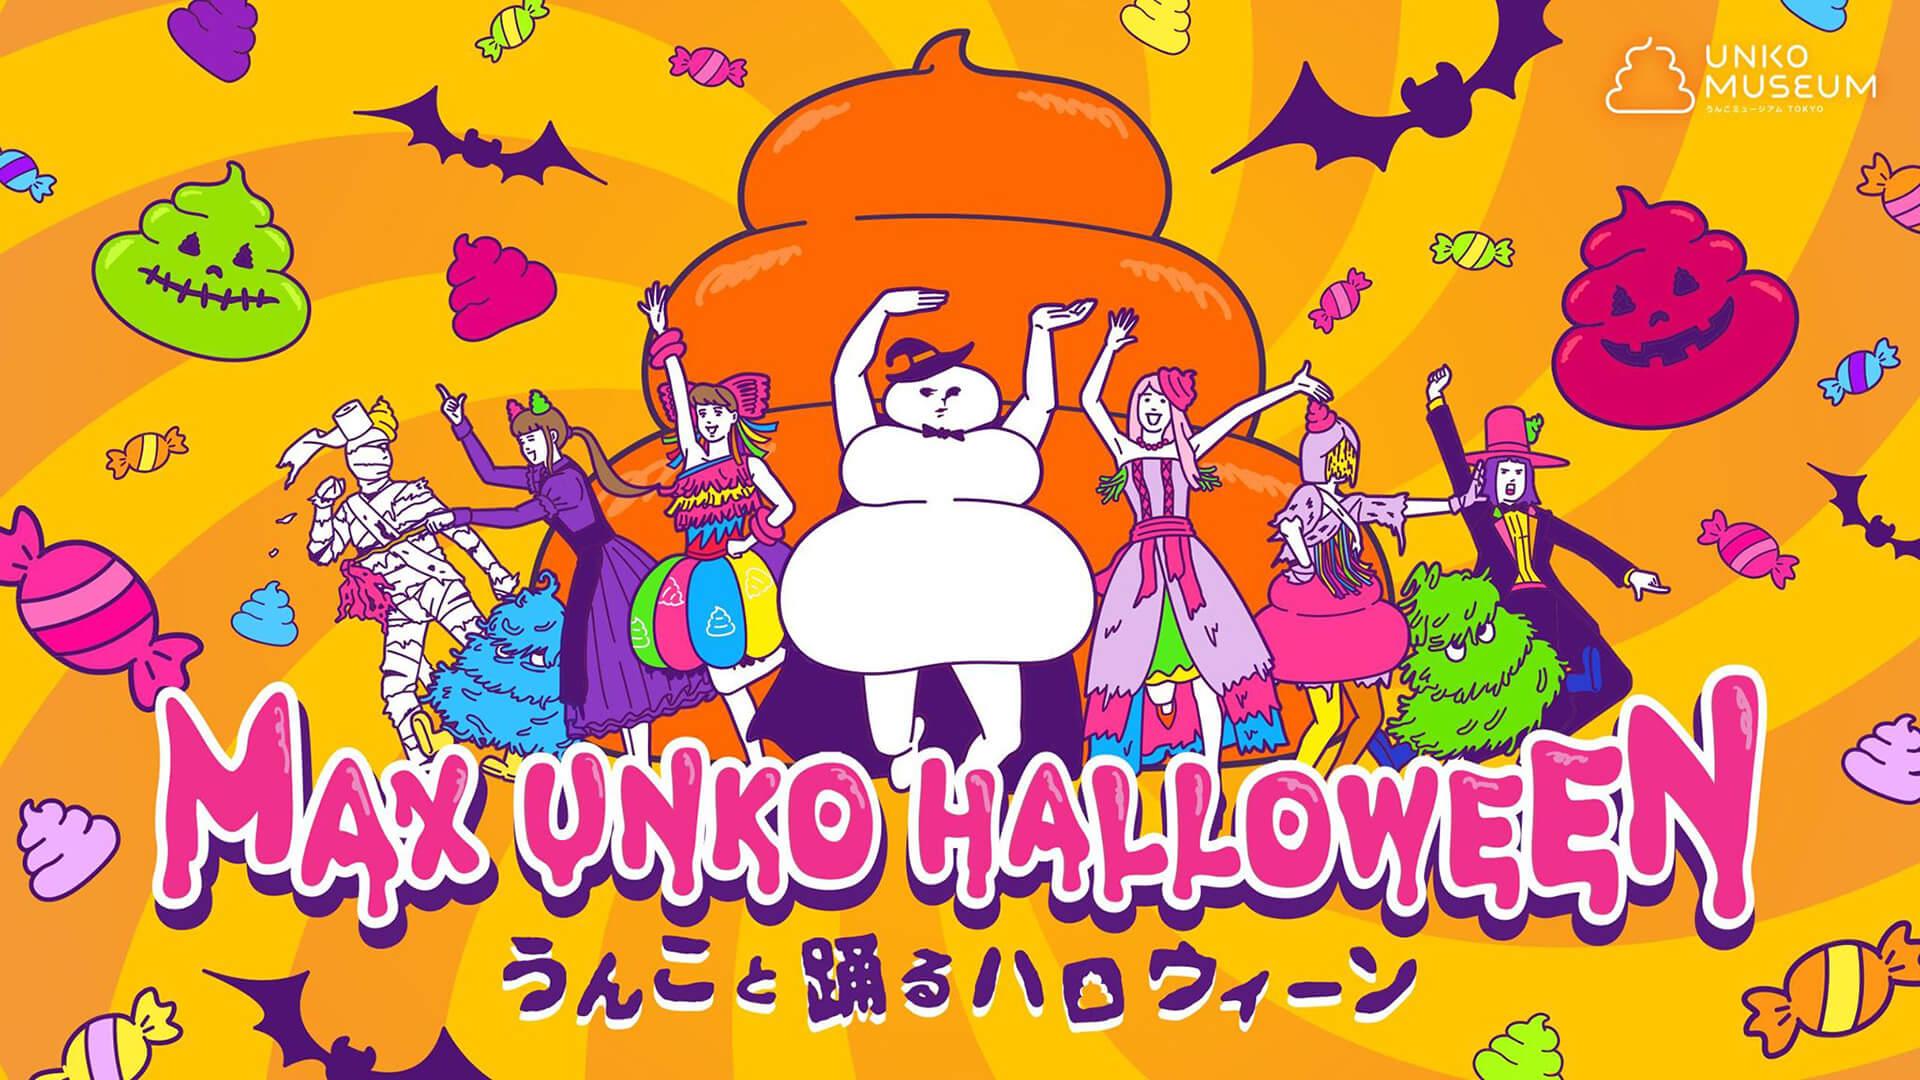 MAX UNKO HALLOWEEN ~うんこと踊るハロウィーン~バナー